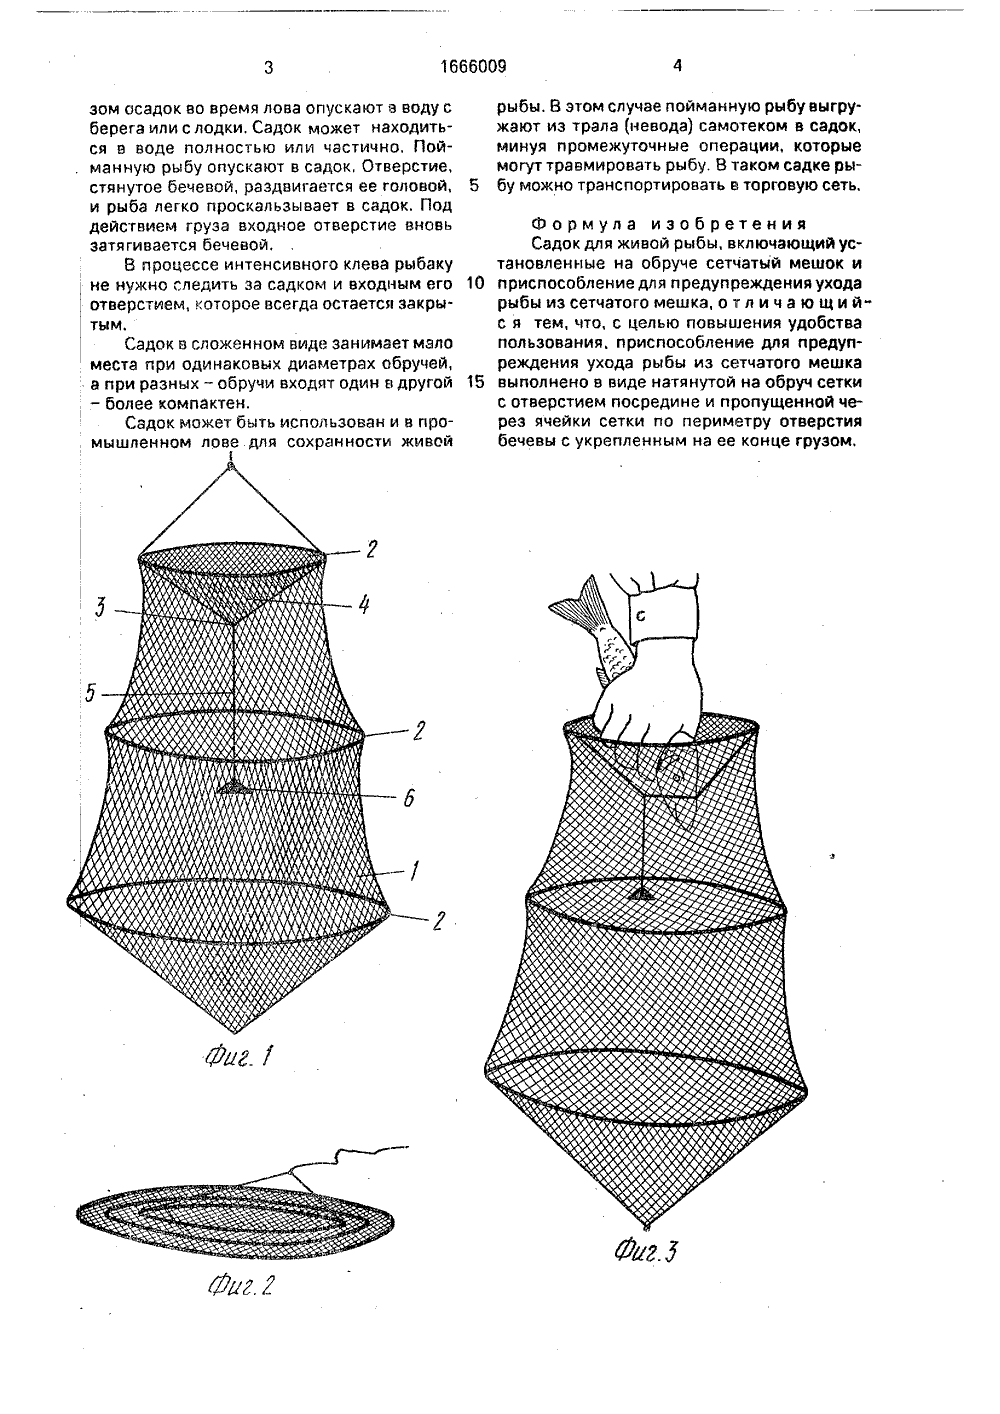 книга в области вязанию сетей чтобы рыбалки